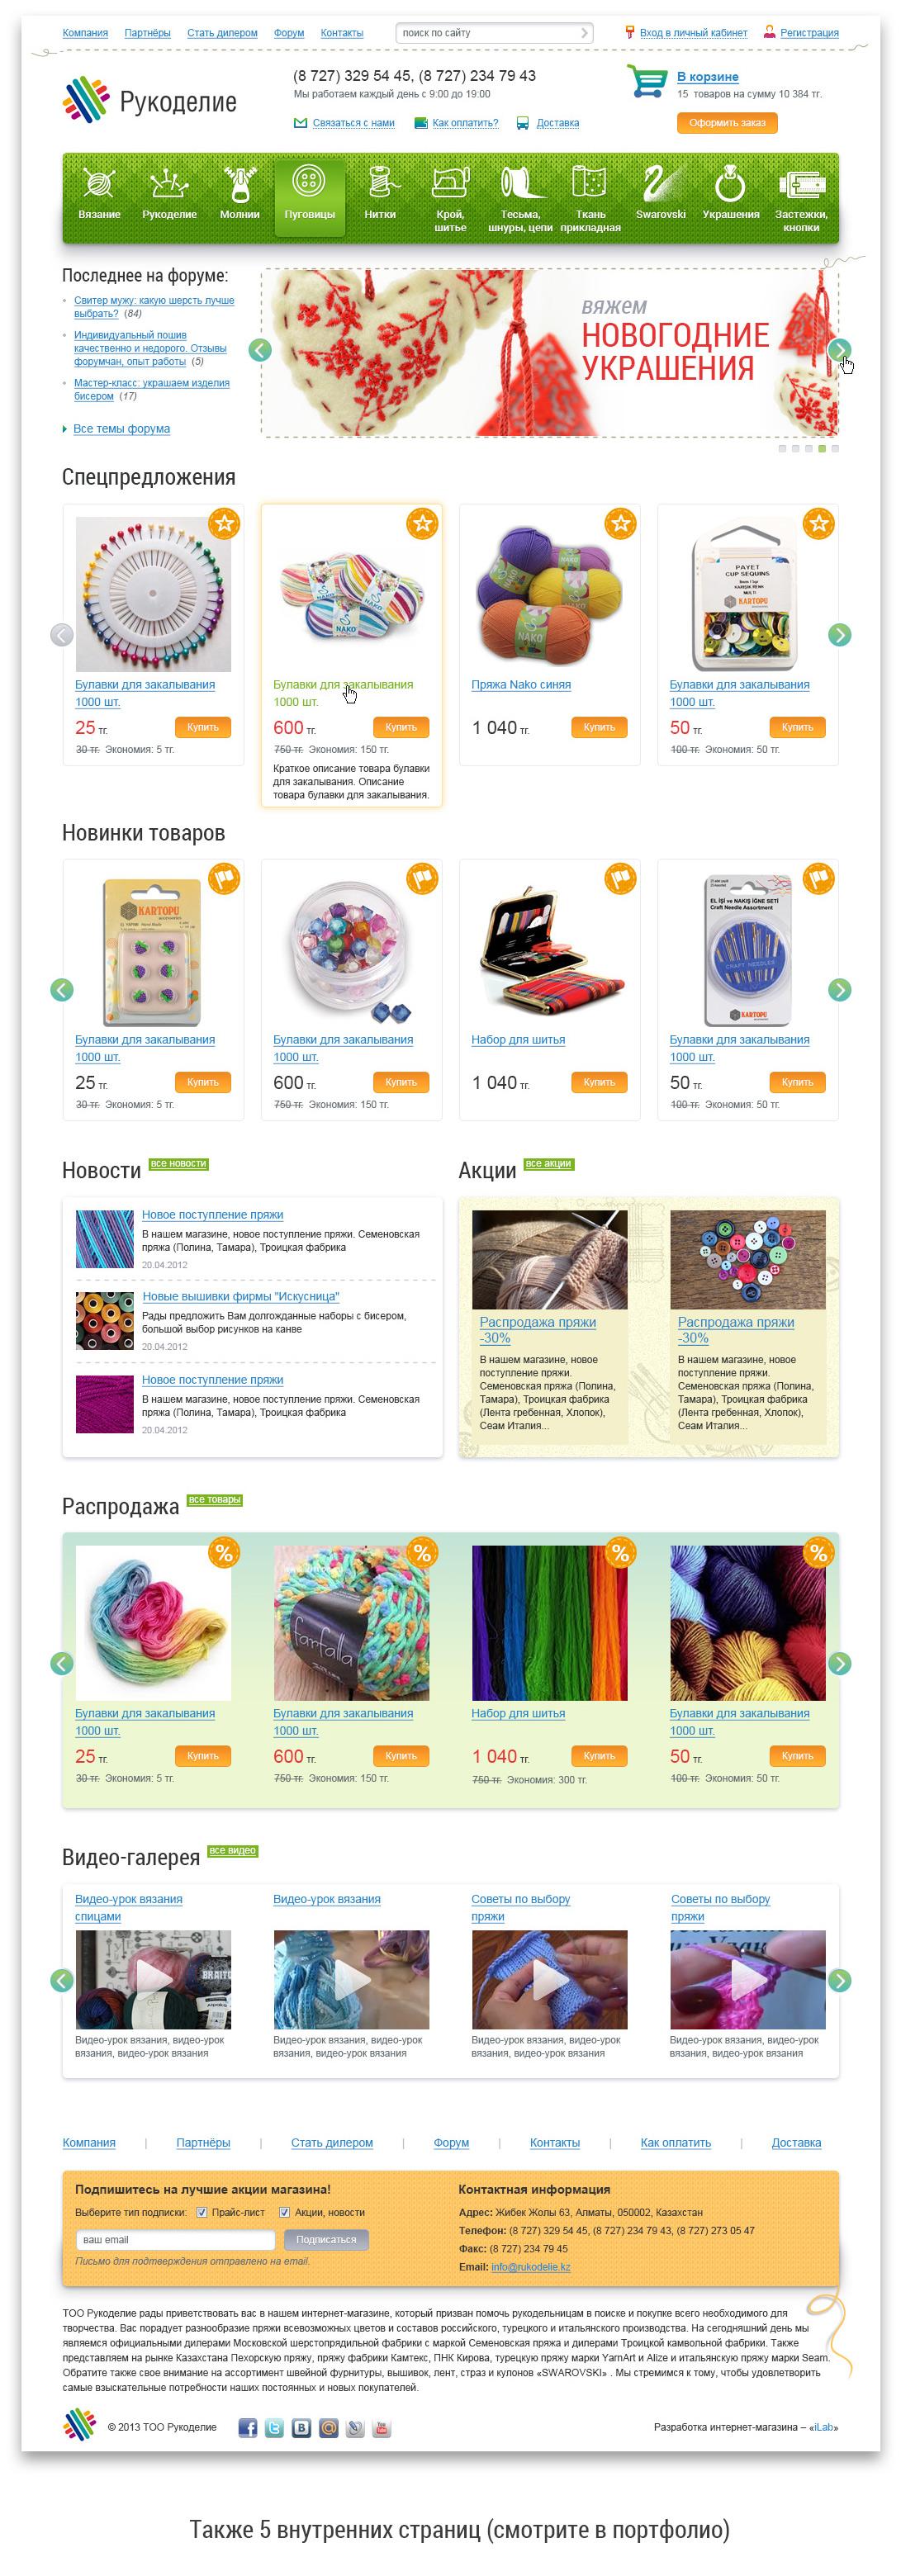 Рукоделие - Интернет магазин (главная страница)